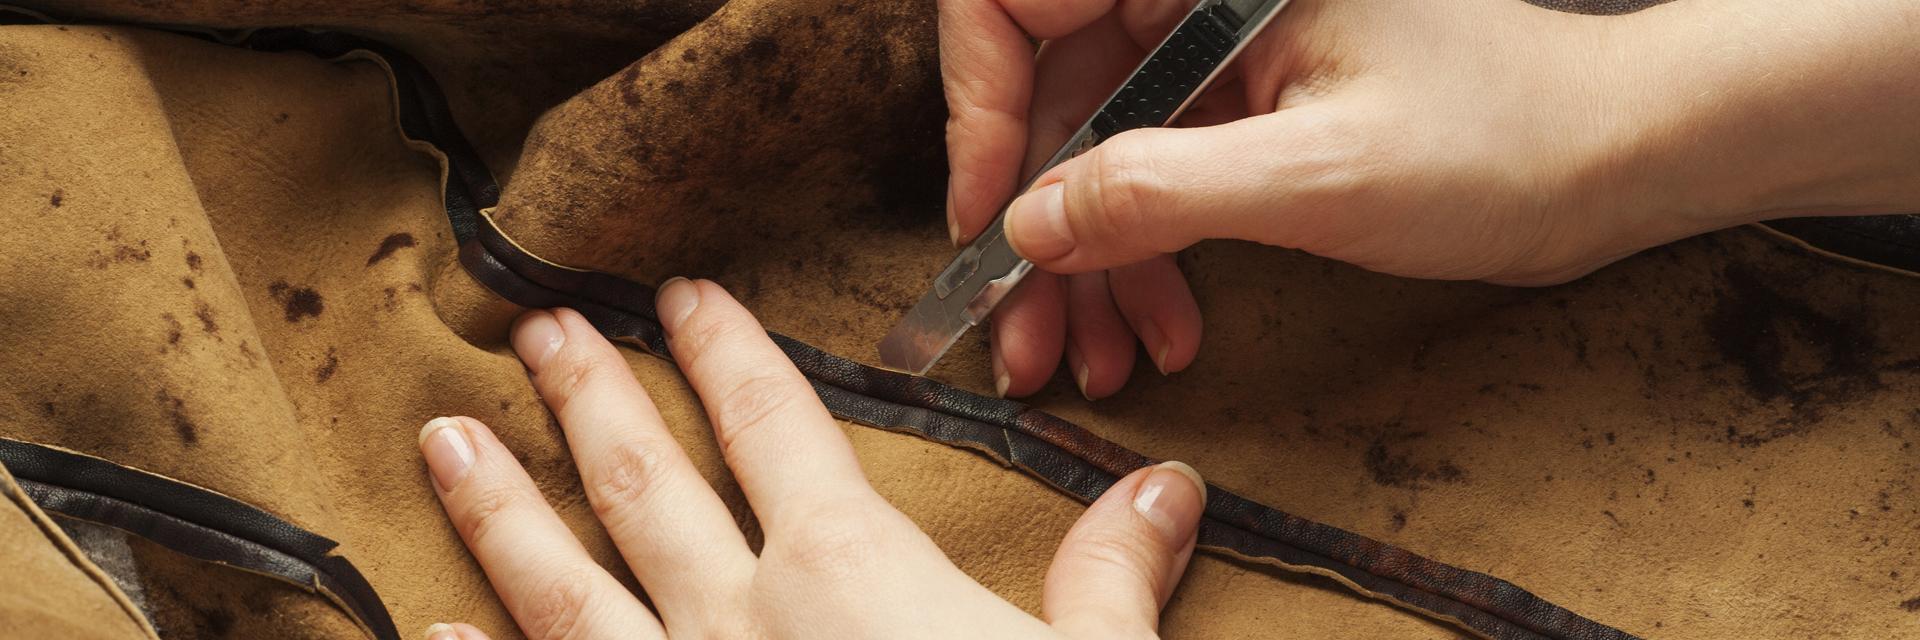 Leder Handarbeit Wissen Leder – alles was man wissen muss